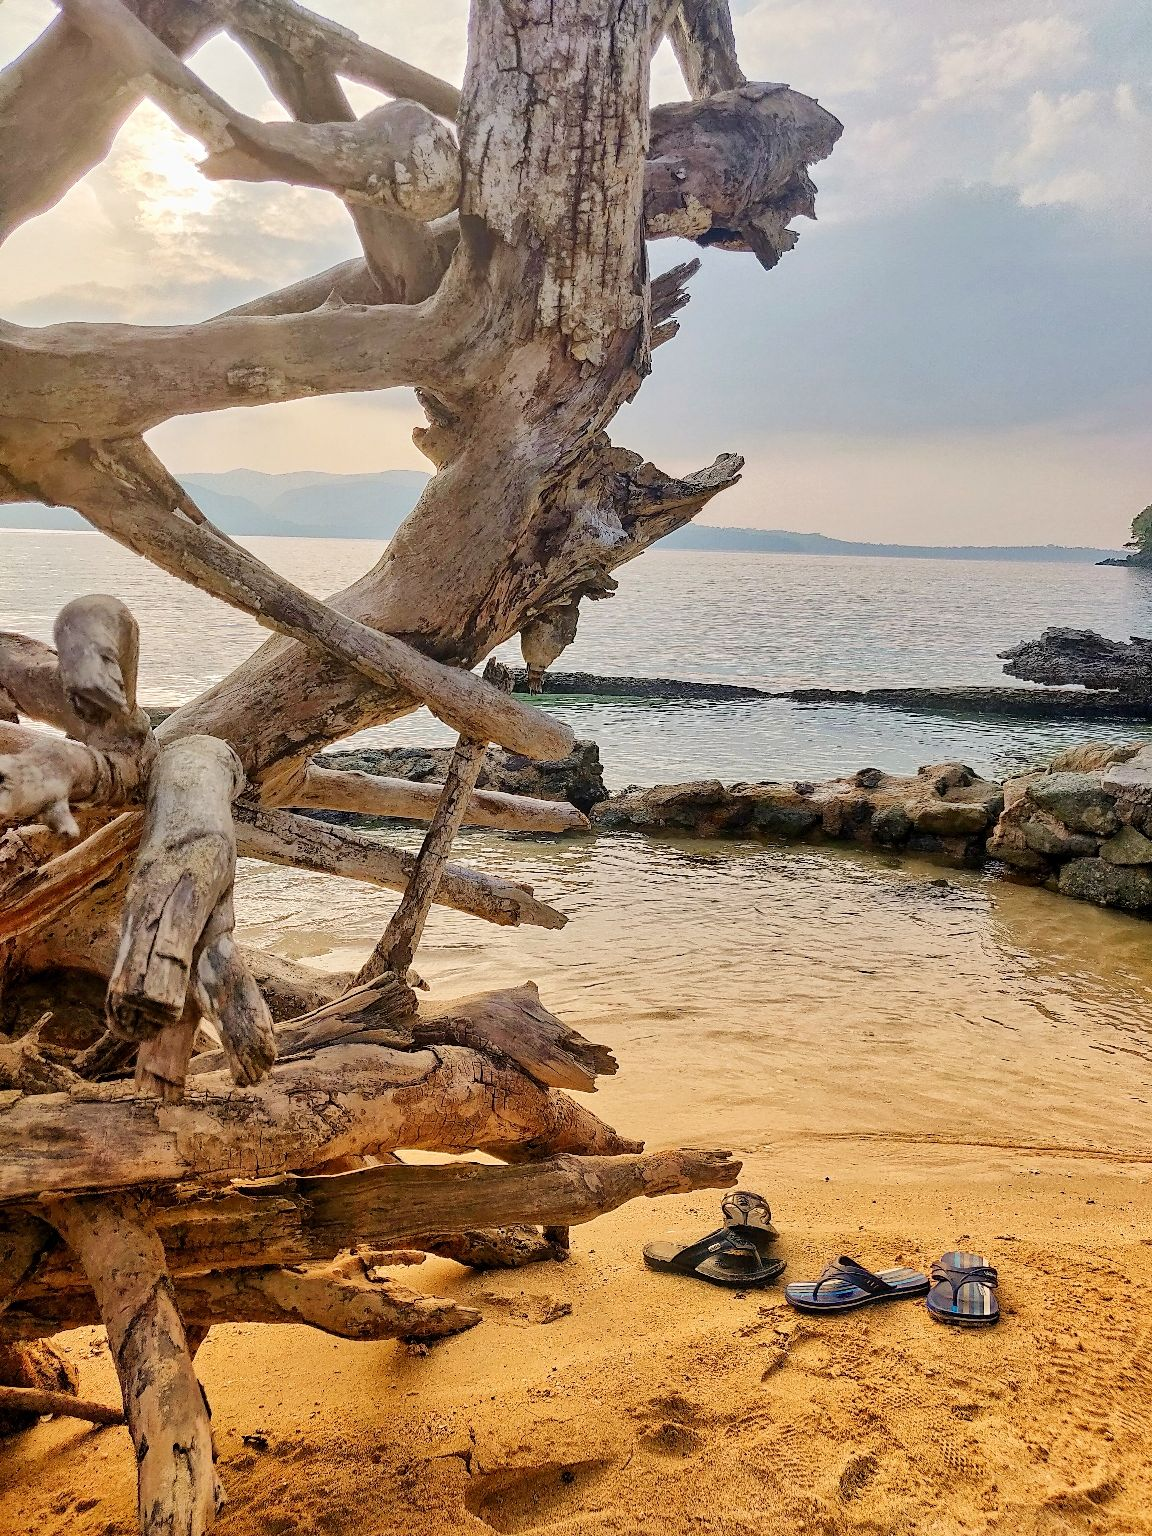 Photo of Andaman and Nicobar Islands By Namrata sindwani